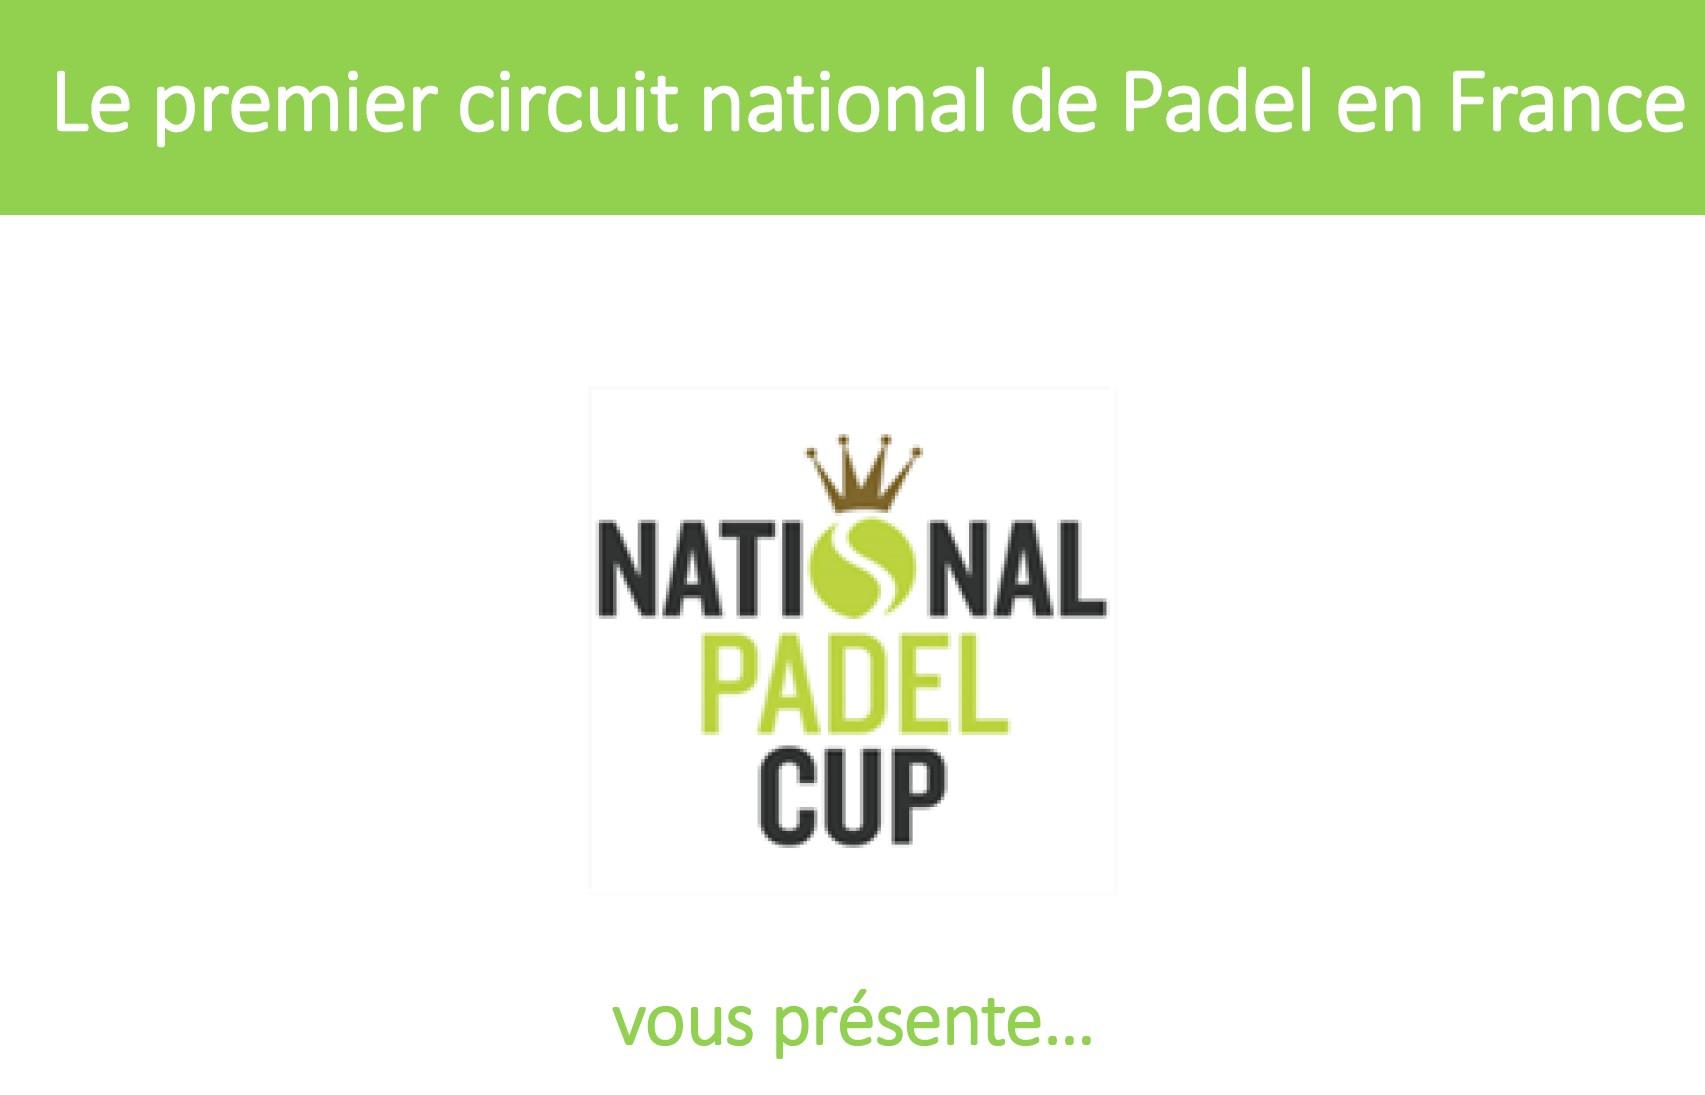 La National Padel Cup, c'est quoi ?